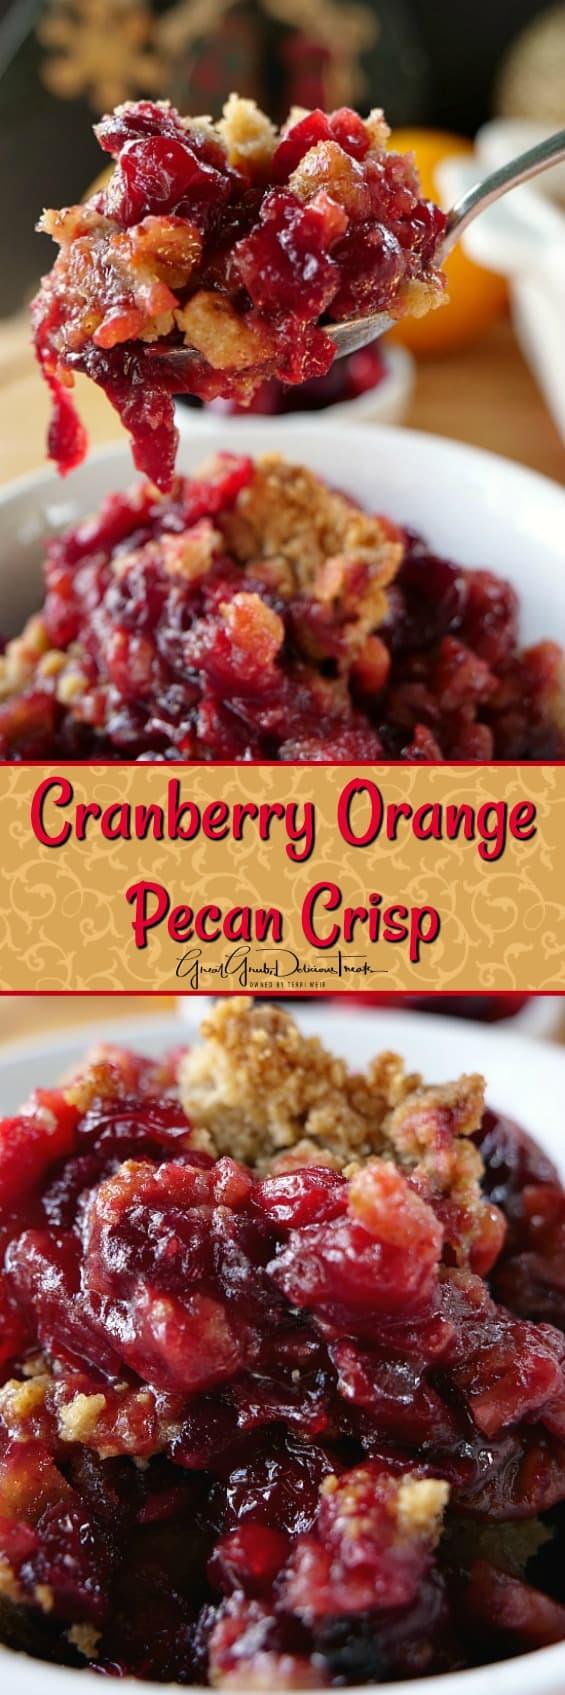 Cranberry Orange Pecan Crisp